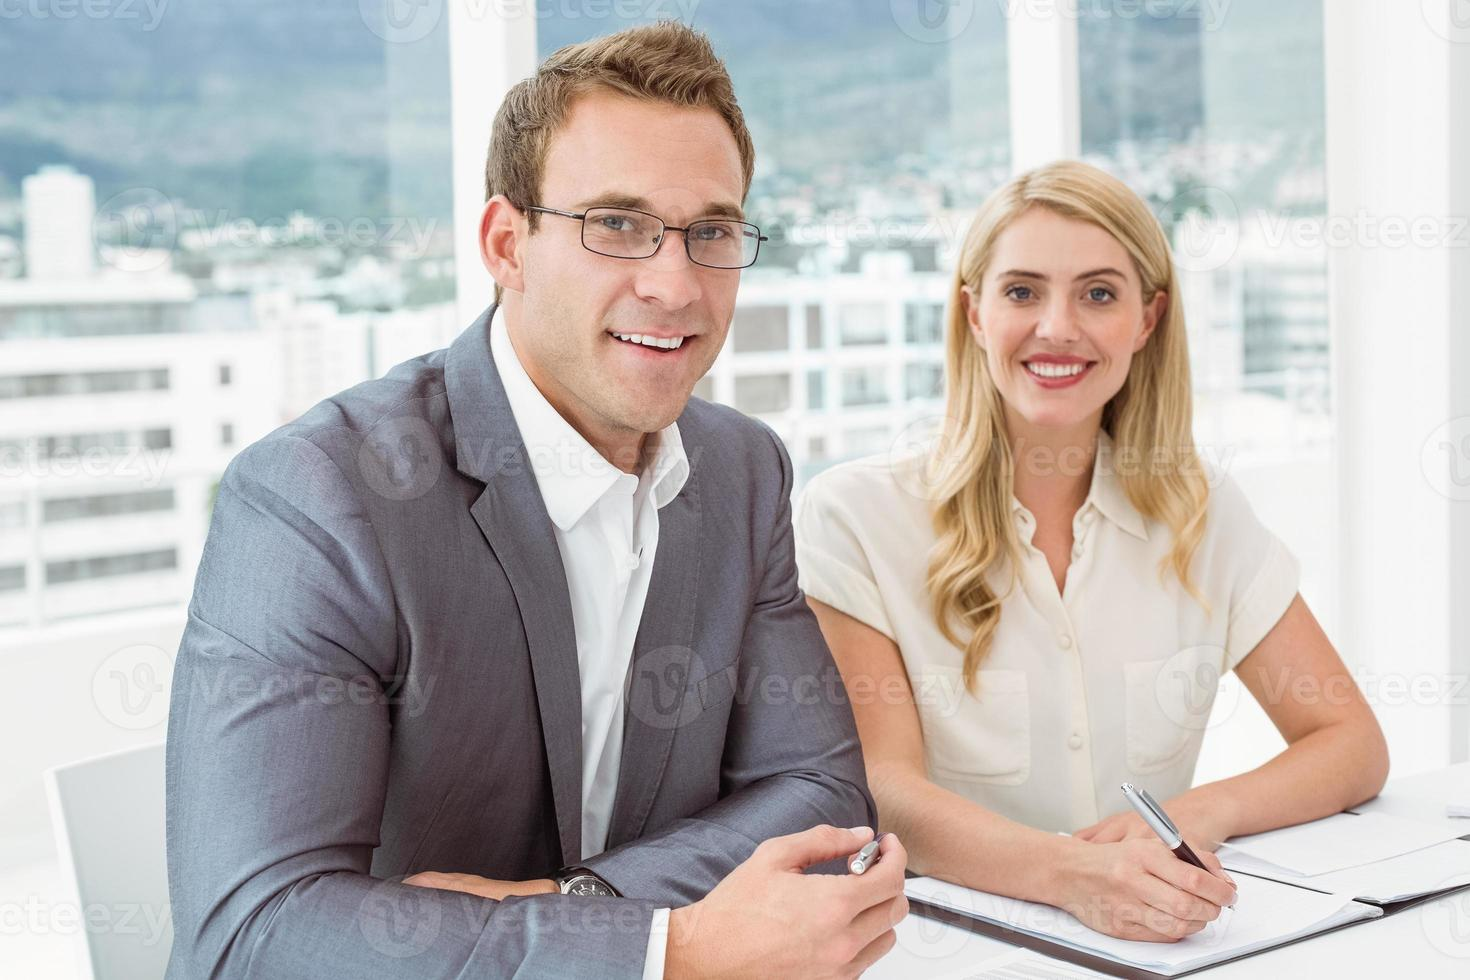 Porträt von Geschäftsleuten in Besprechung foto